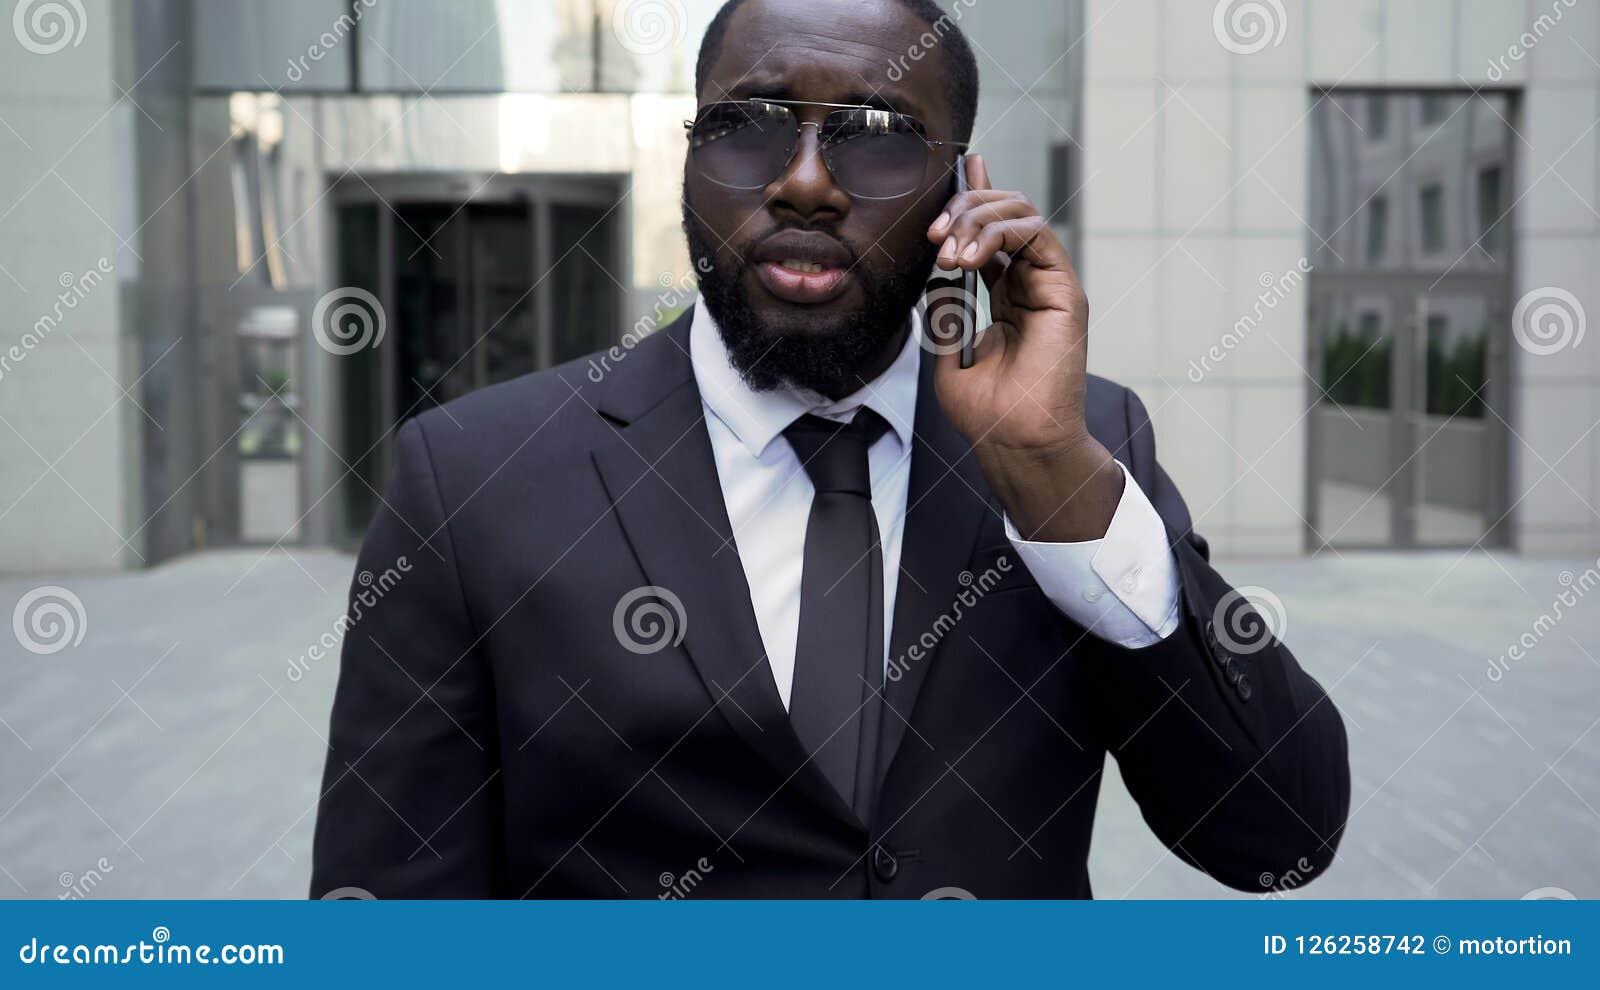 El abogado que se niega a afrontar el edificio, traje del grupo, protección de trabajadores endereza